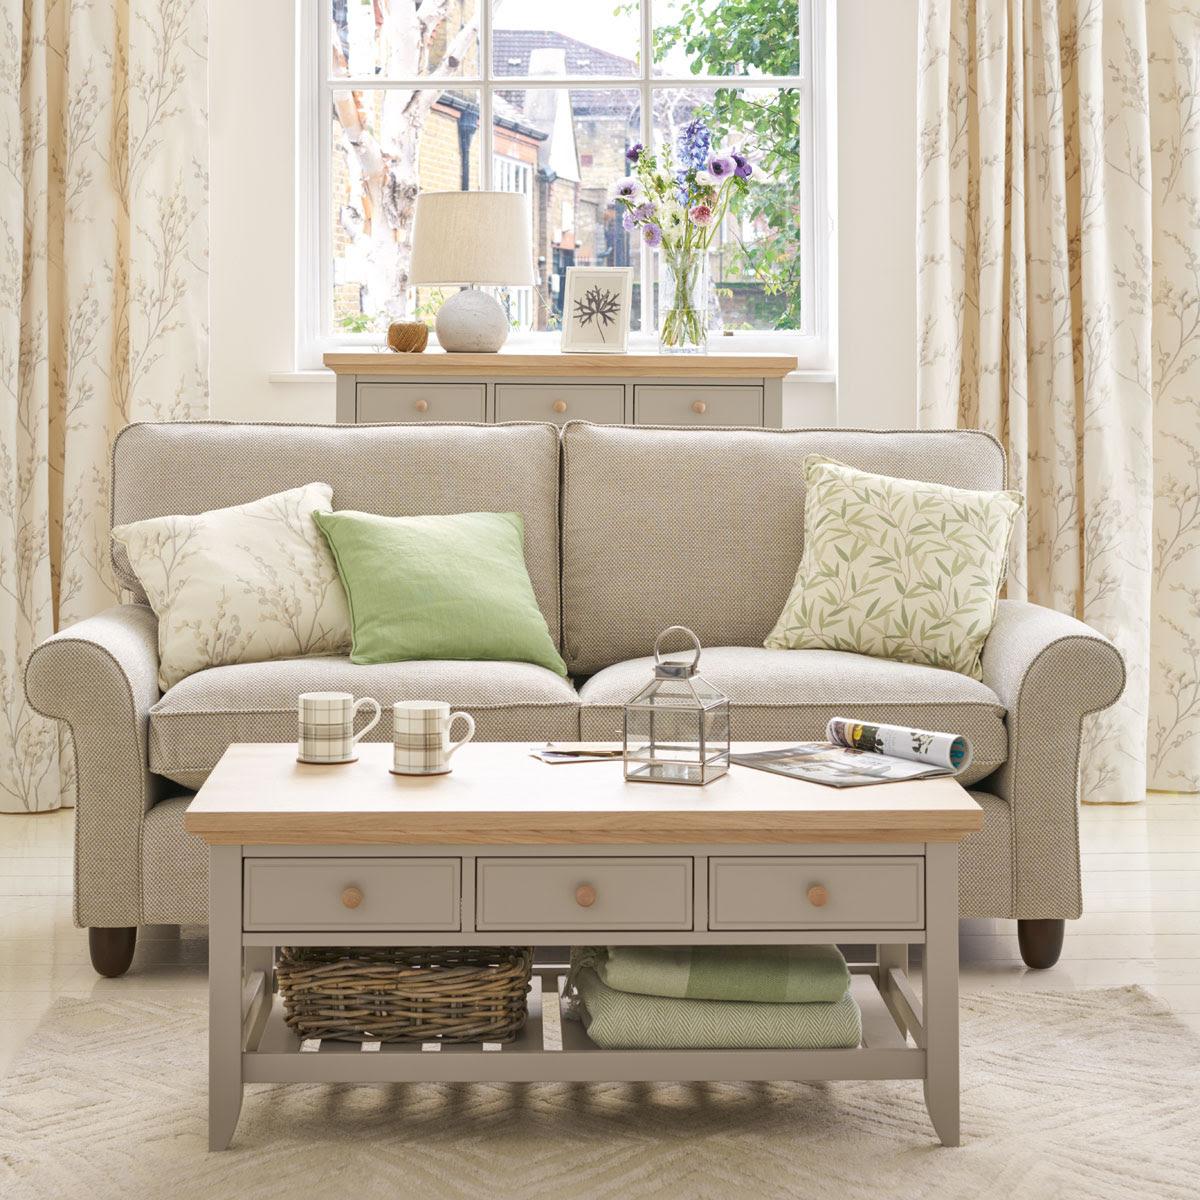 Mueble Oakham gris francés - Laura Ashley